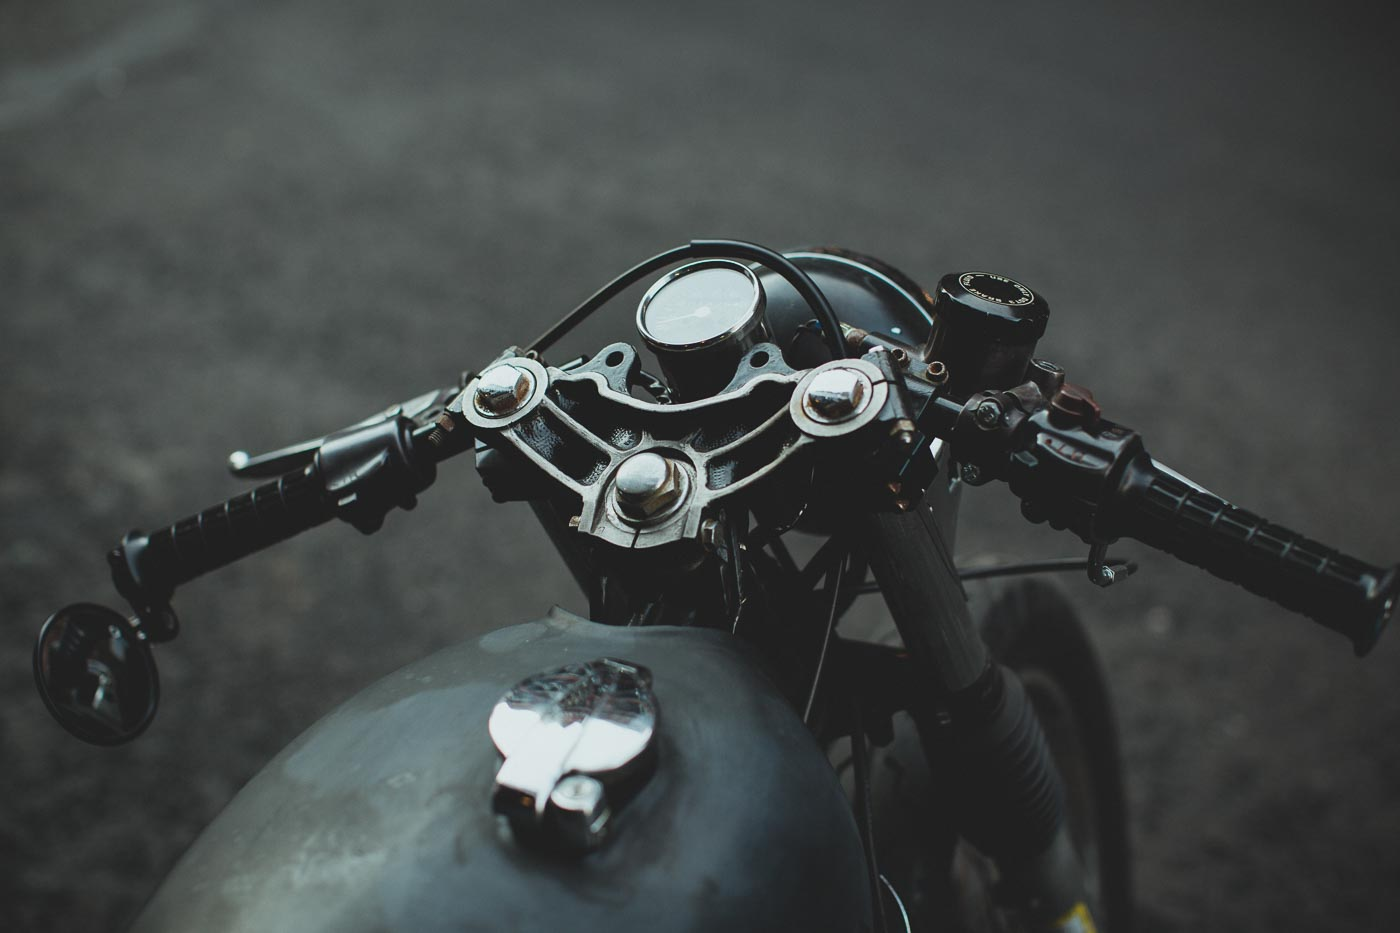 WilkieVintage_Motorcycle_Projects @ Alan Thomas Duncan Wilkie-3.jpg